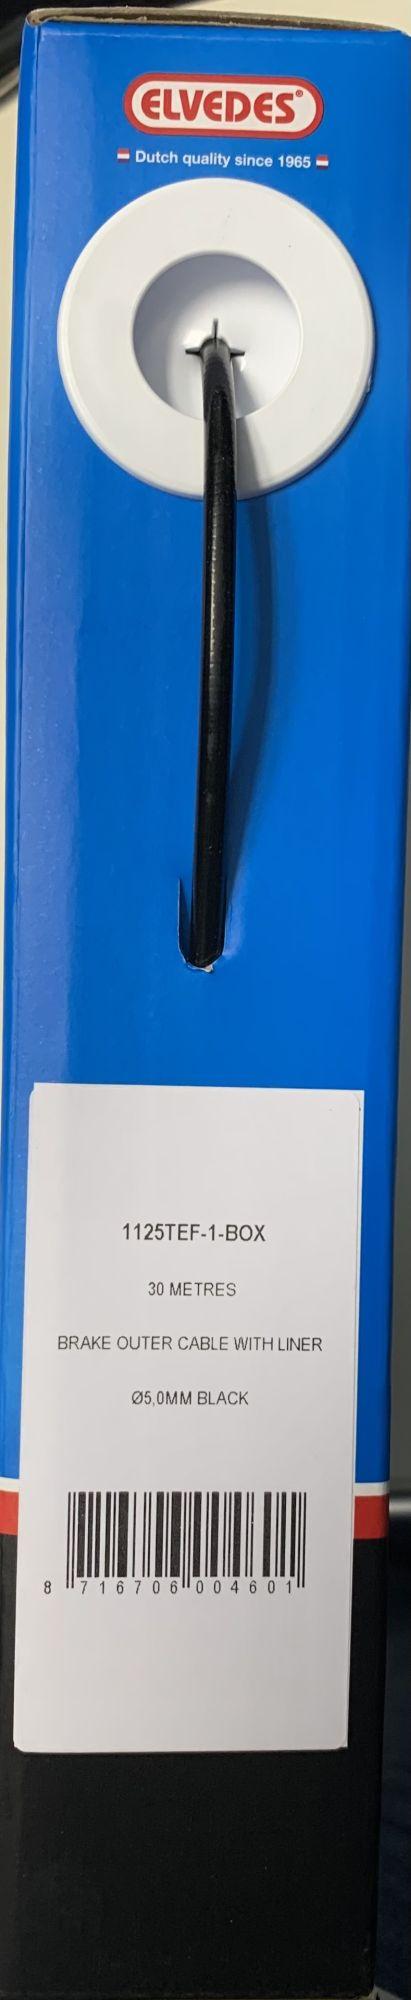 felgenbremsen zubehör/Bremsen: Elvedes  Bremszughülle Bremskabel 30m x 50mm